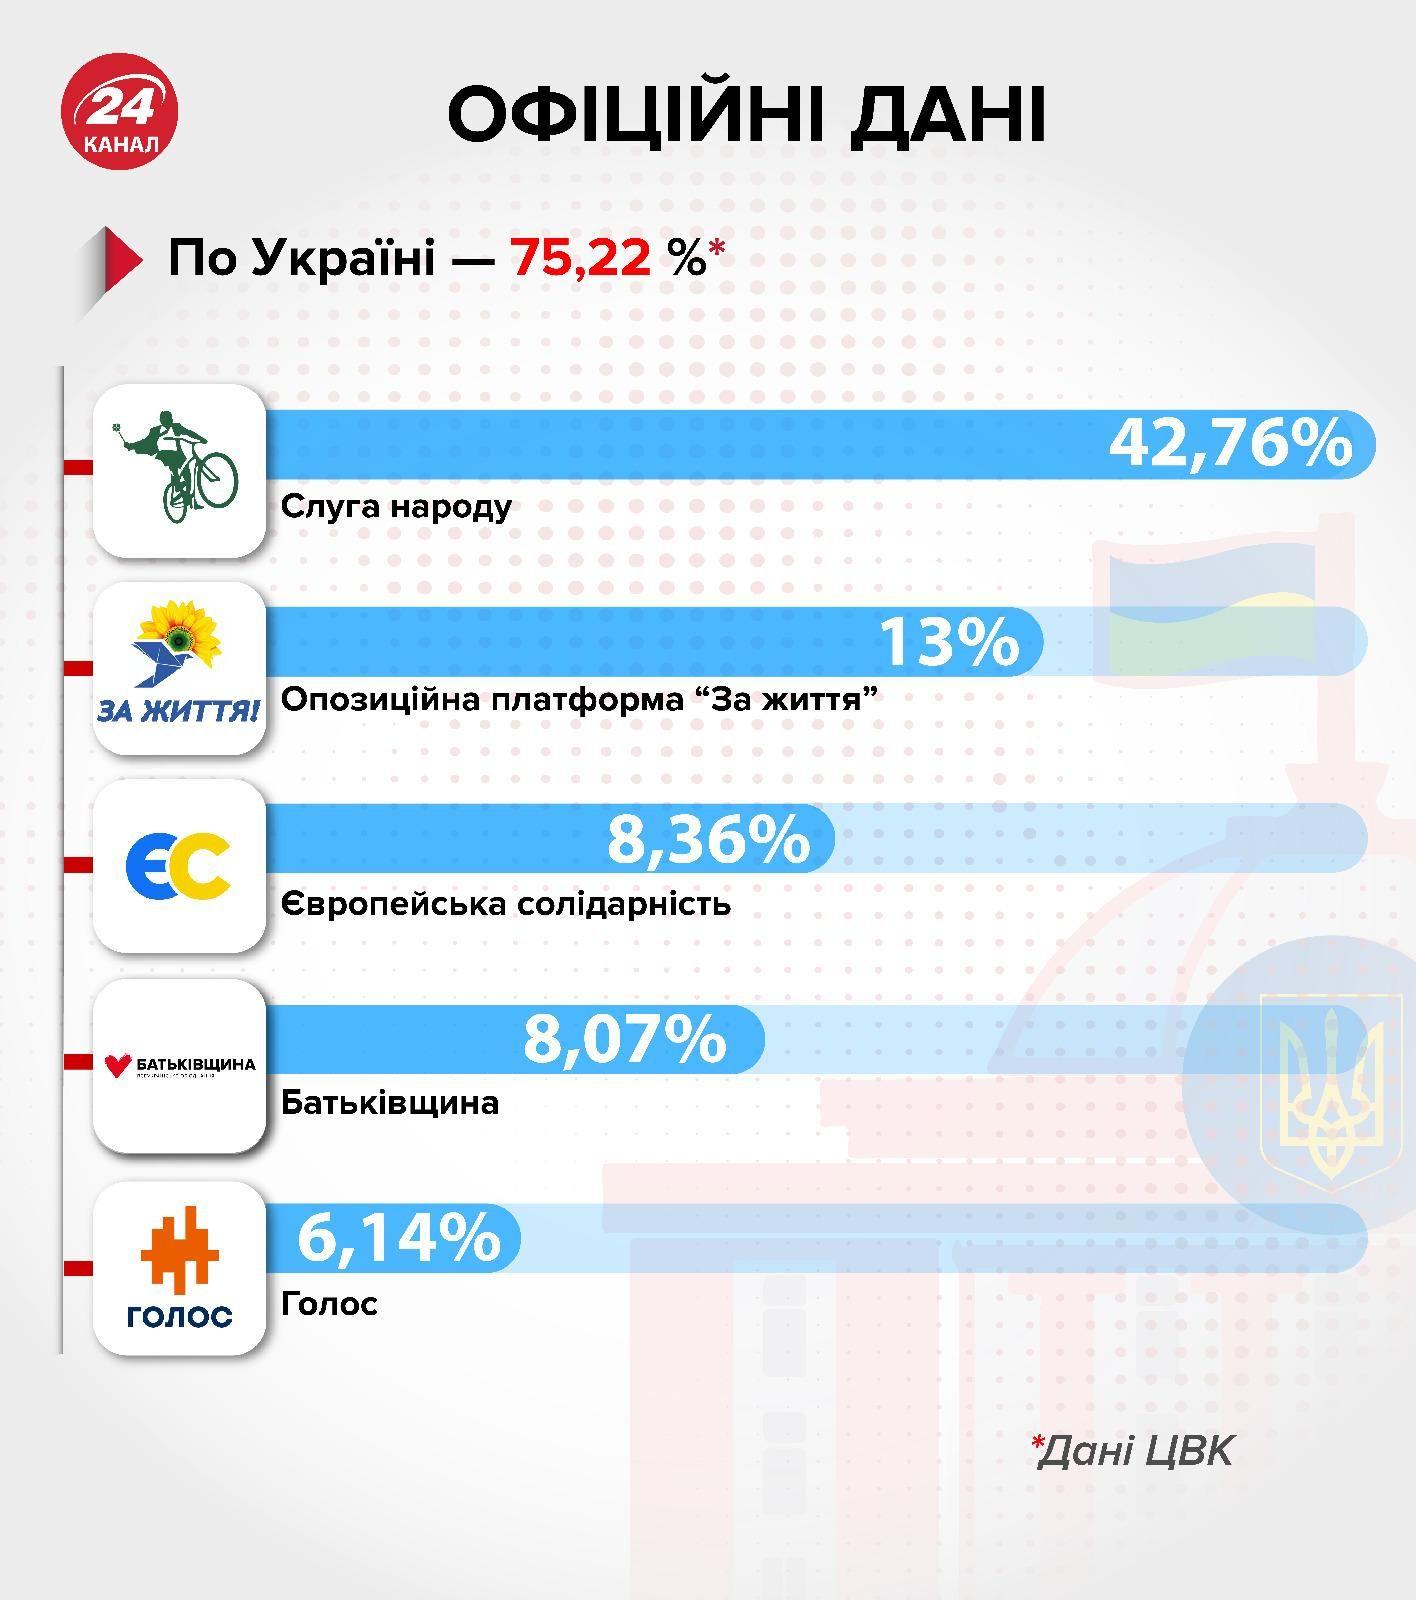 вибори у вру результати